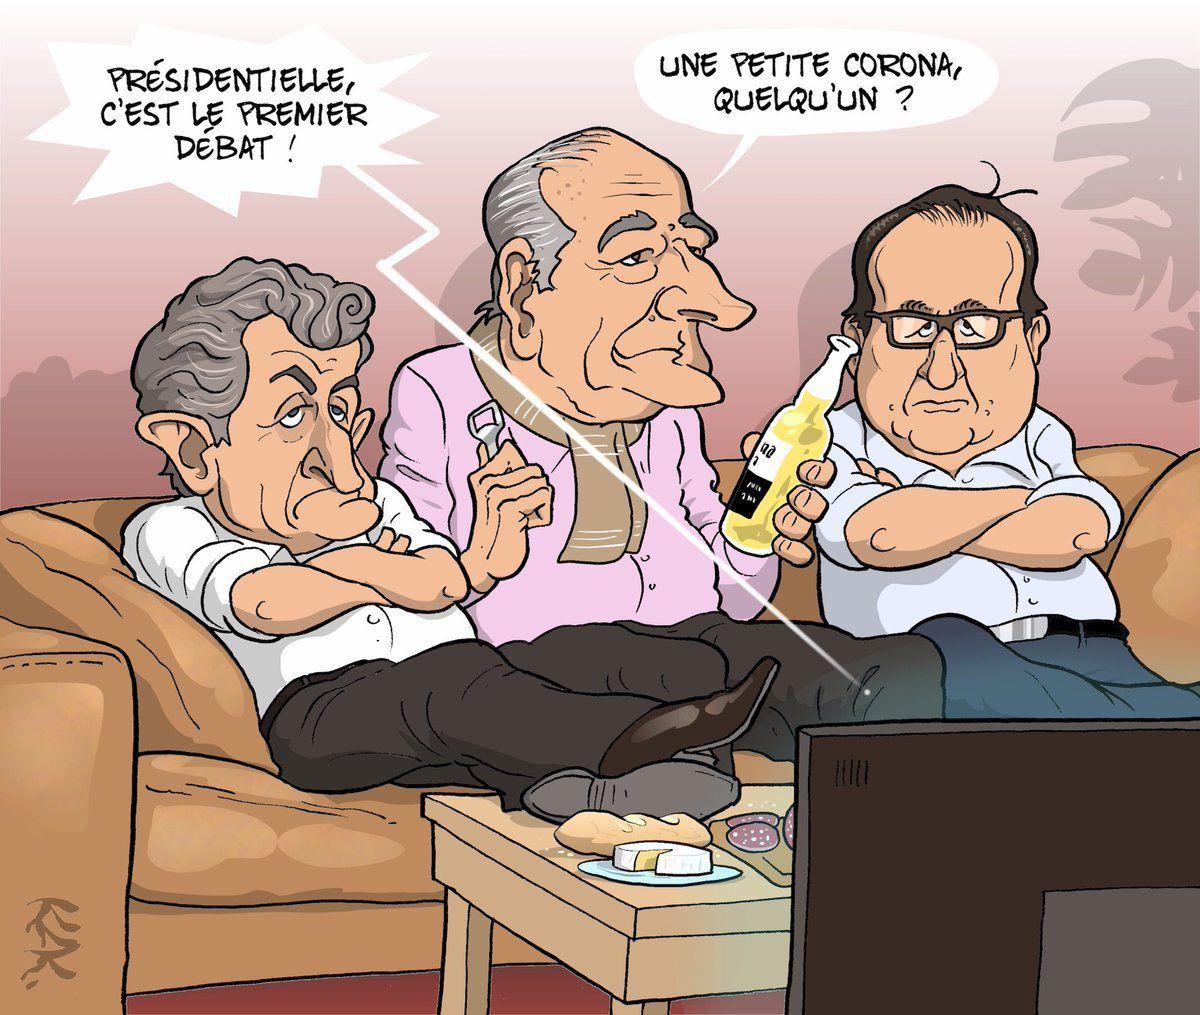 Journal d'1 chroniqueur de campagne(15), le legs si précieux de Jean Poperen, «Je suis le con de service» Le Foll, le clashomètre du débat présidentiel…